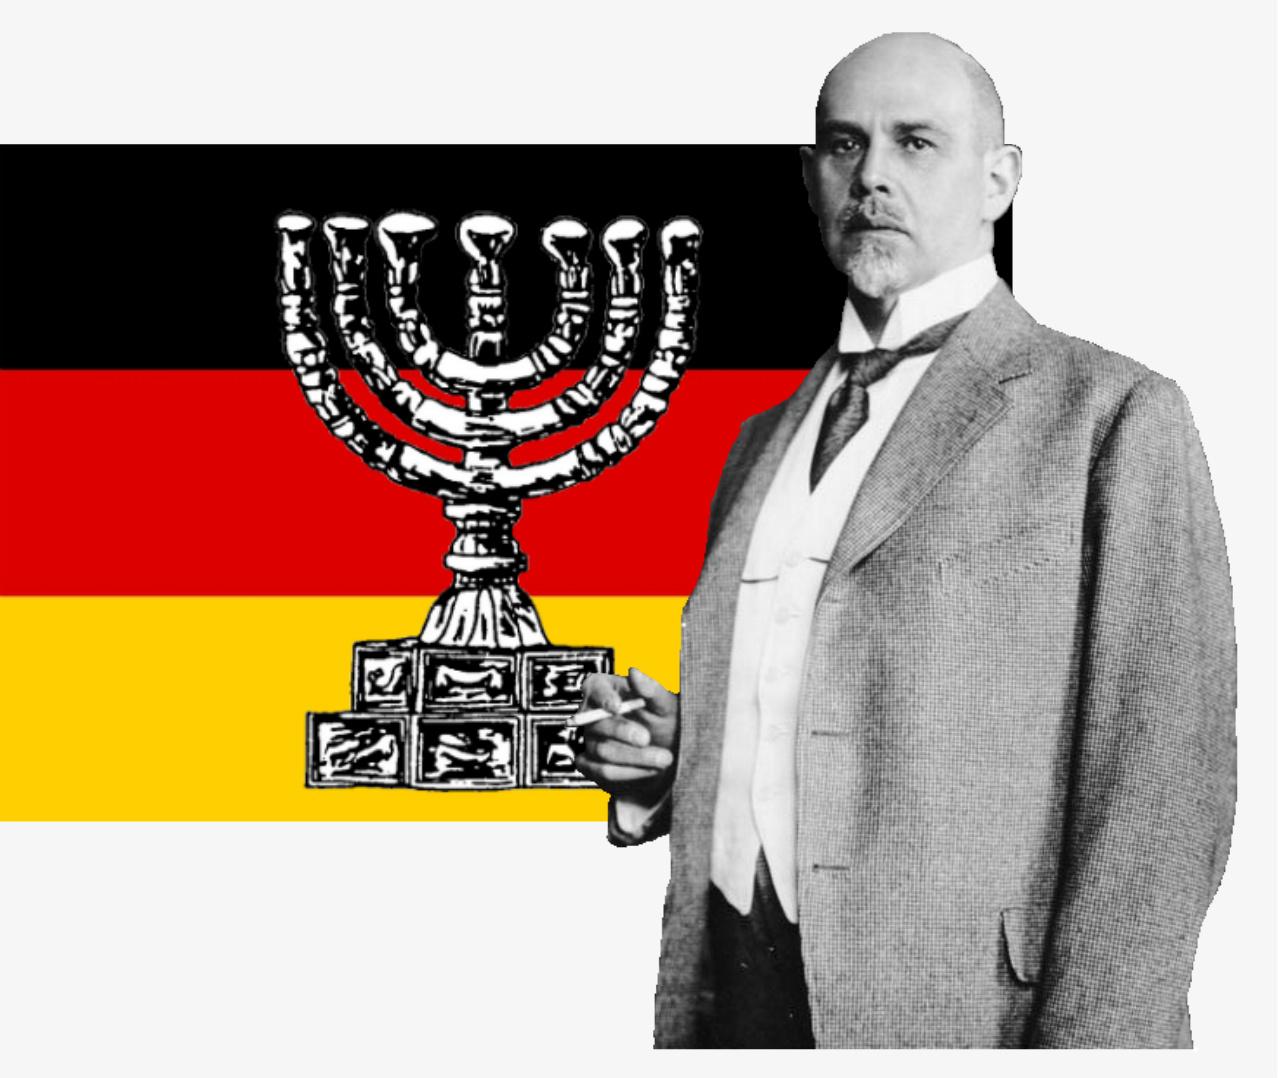 人類の貪欲をかきたて、地球を壊滅に導くユダヤ文明 太田龍_c0139575_2047595.jpg